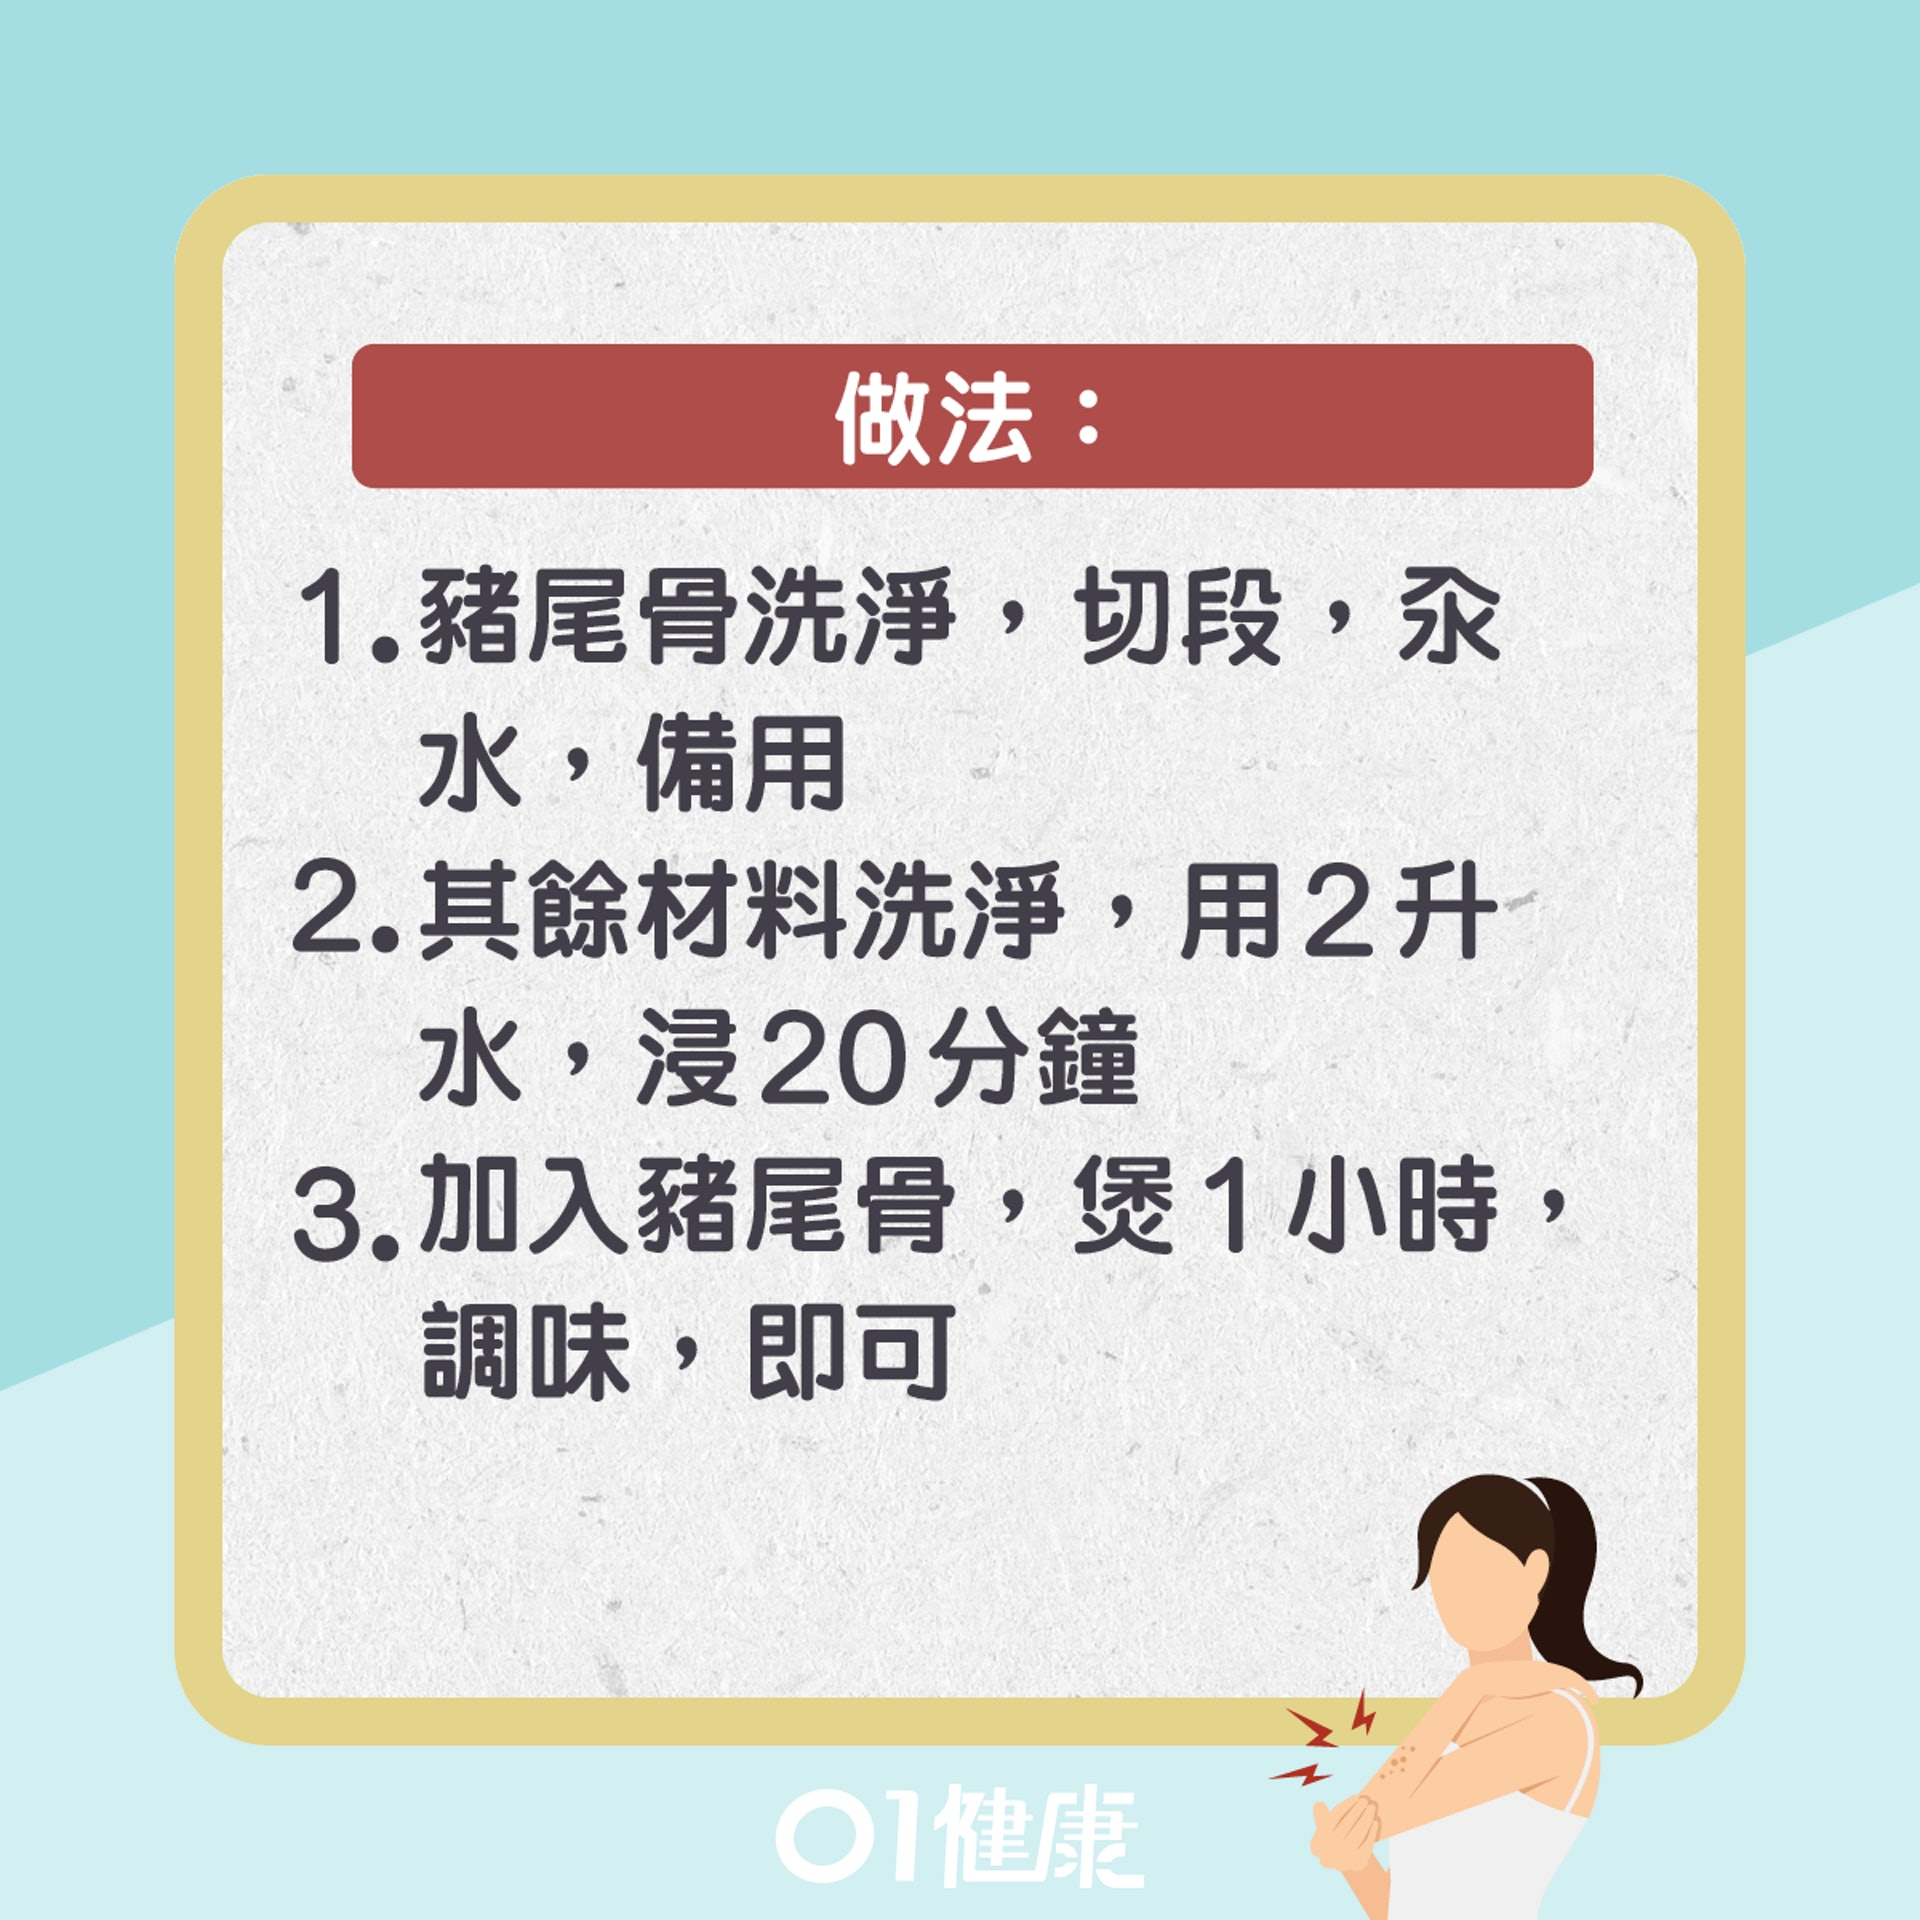 杜仲牛膝煲豬尾骨(01製圖)